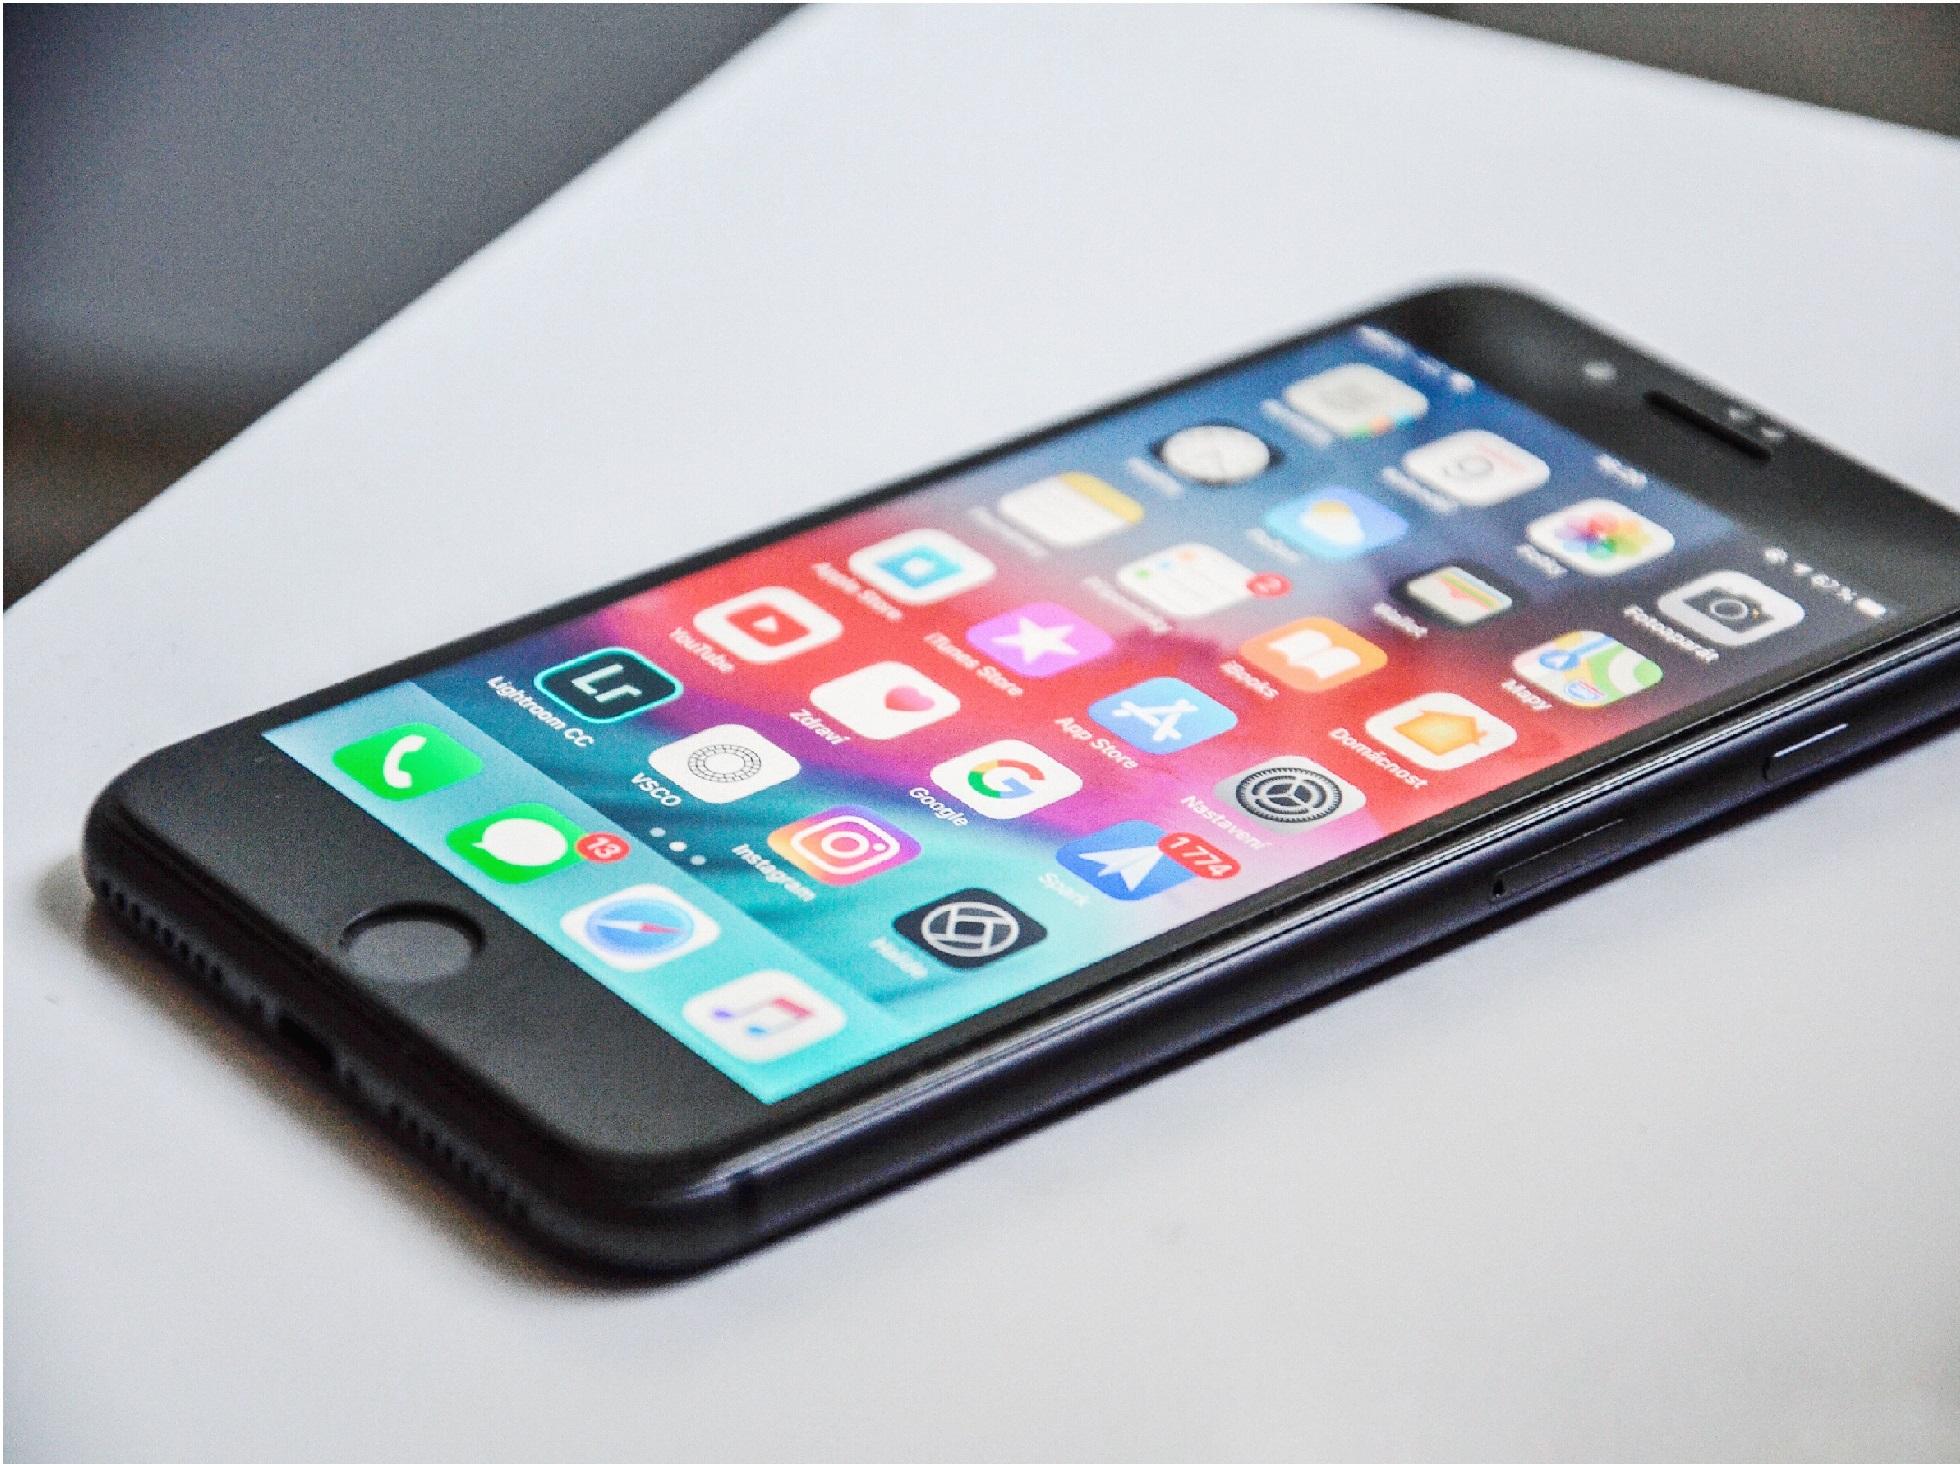 7 Zoll Handy: Test & Empfehlungen (11/20)